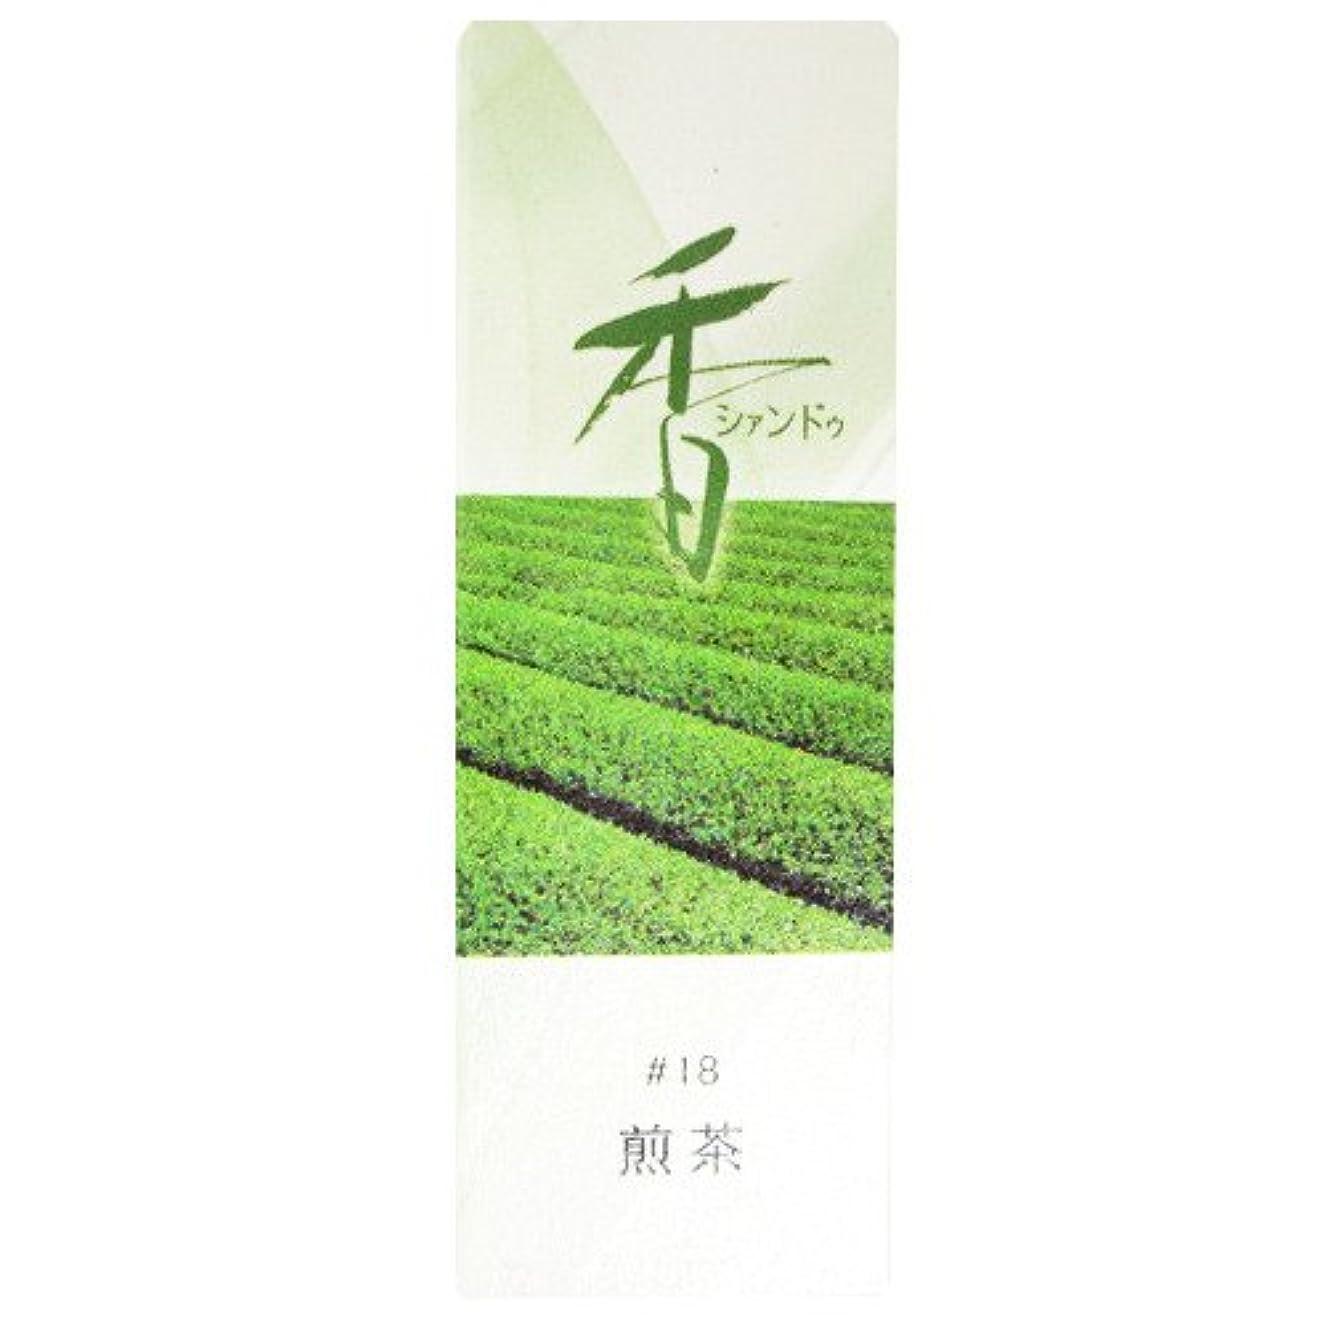 医薬品ウェブケント松栄堂のお香 Xiang Do(シャンドゥ) 煎茶 ST20本入 簡易香立付 #214218